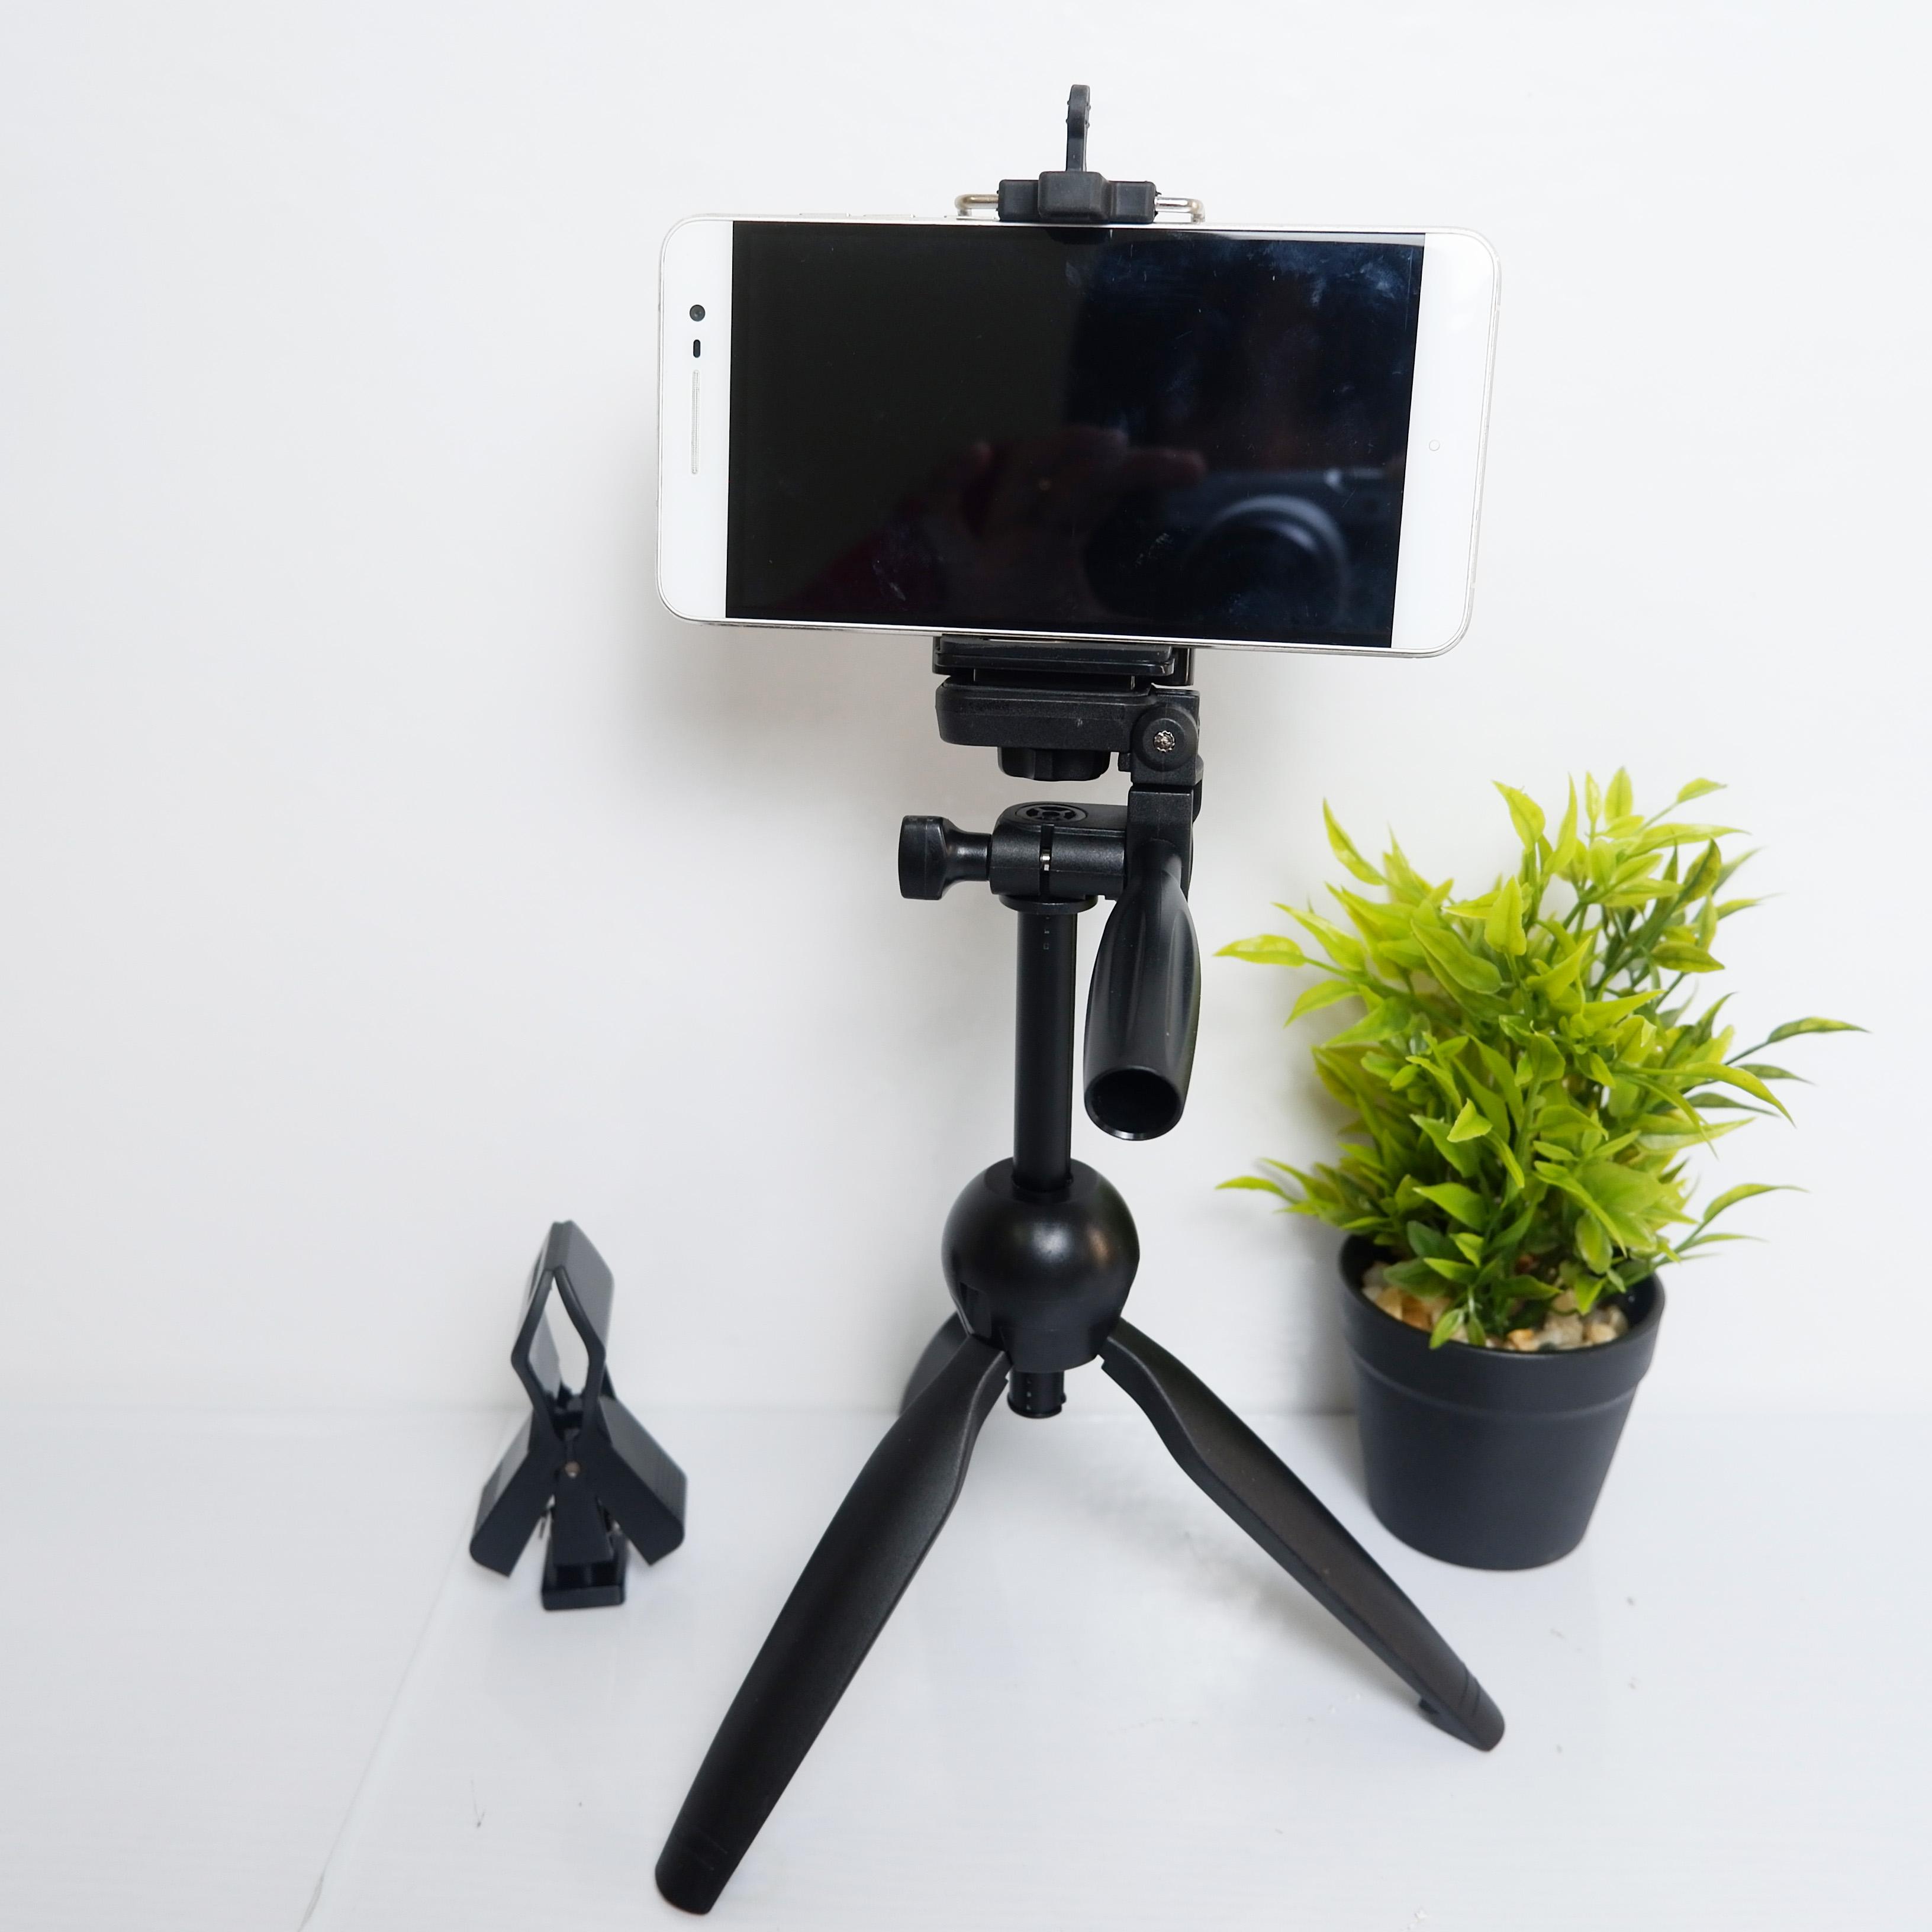 Hình ảnh Chân để bàn quay phim, chụp ảnh, gắn micro - Giá đỡ điện thoại cao cấp - Hàng chính hãng